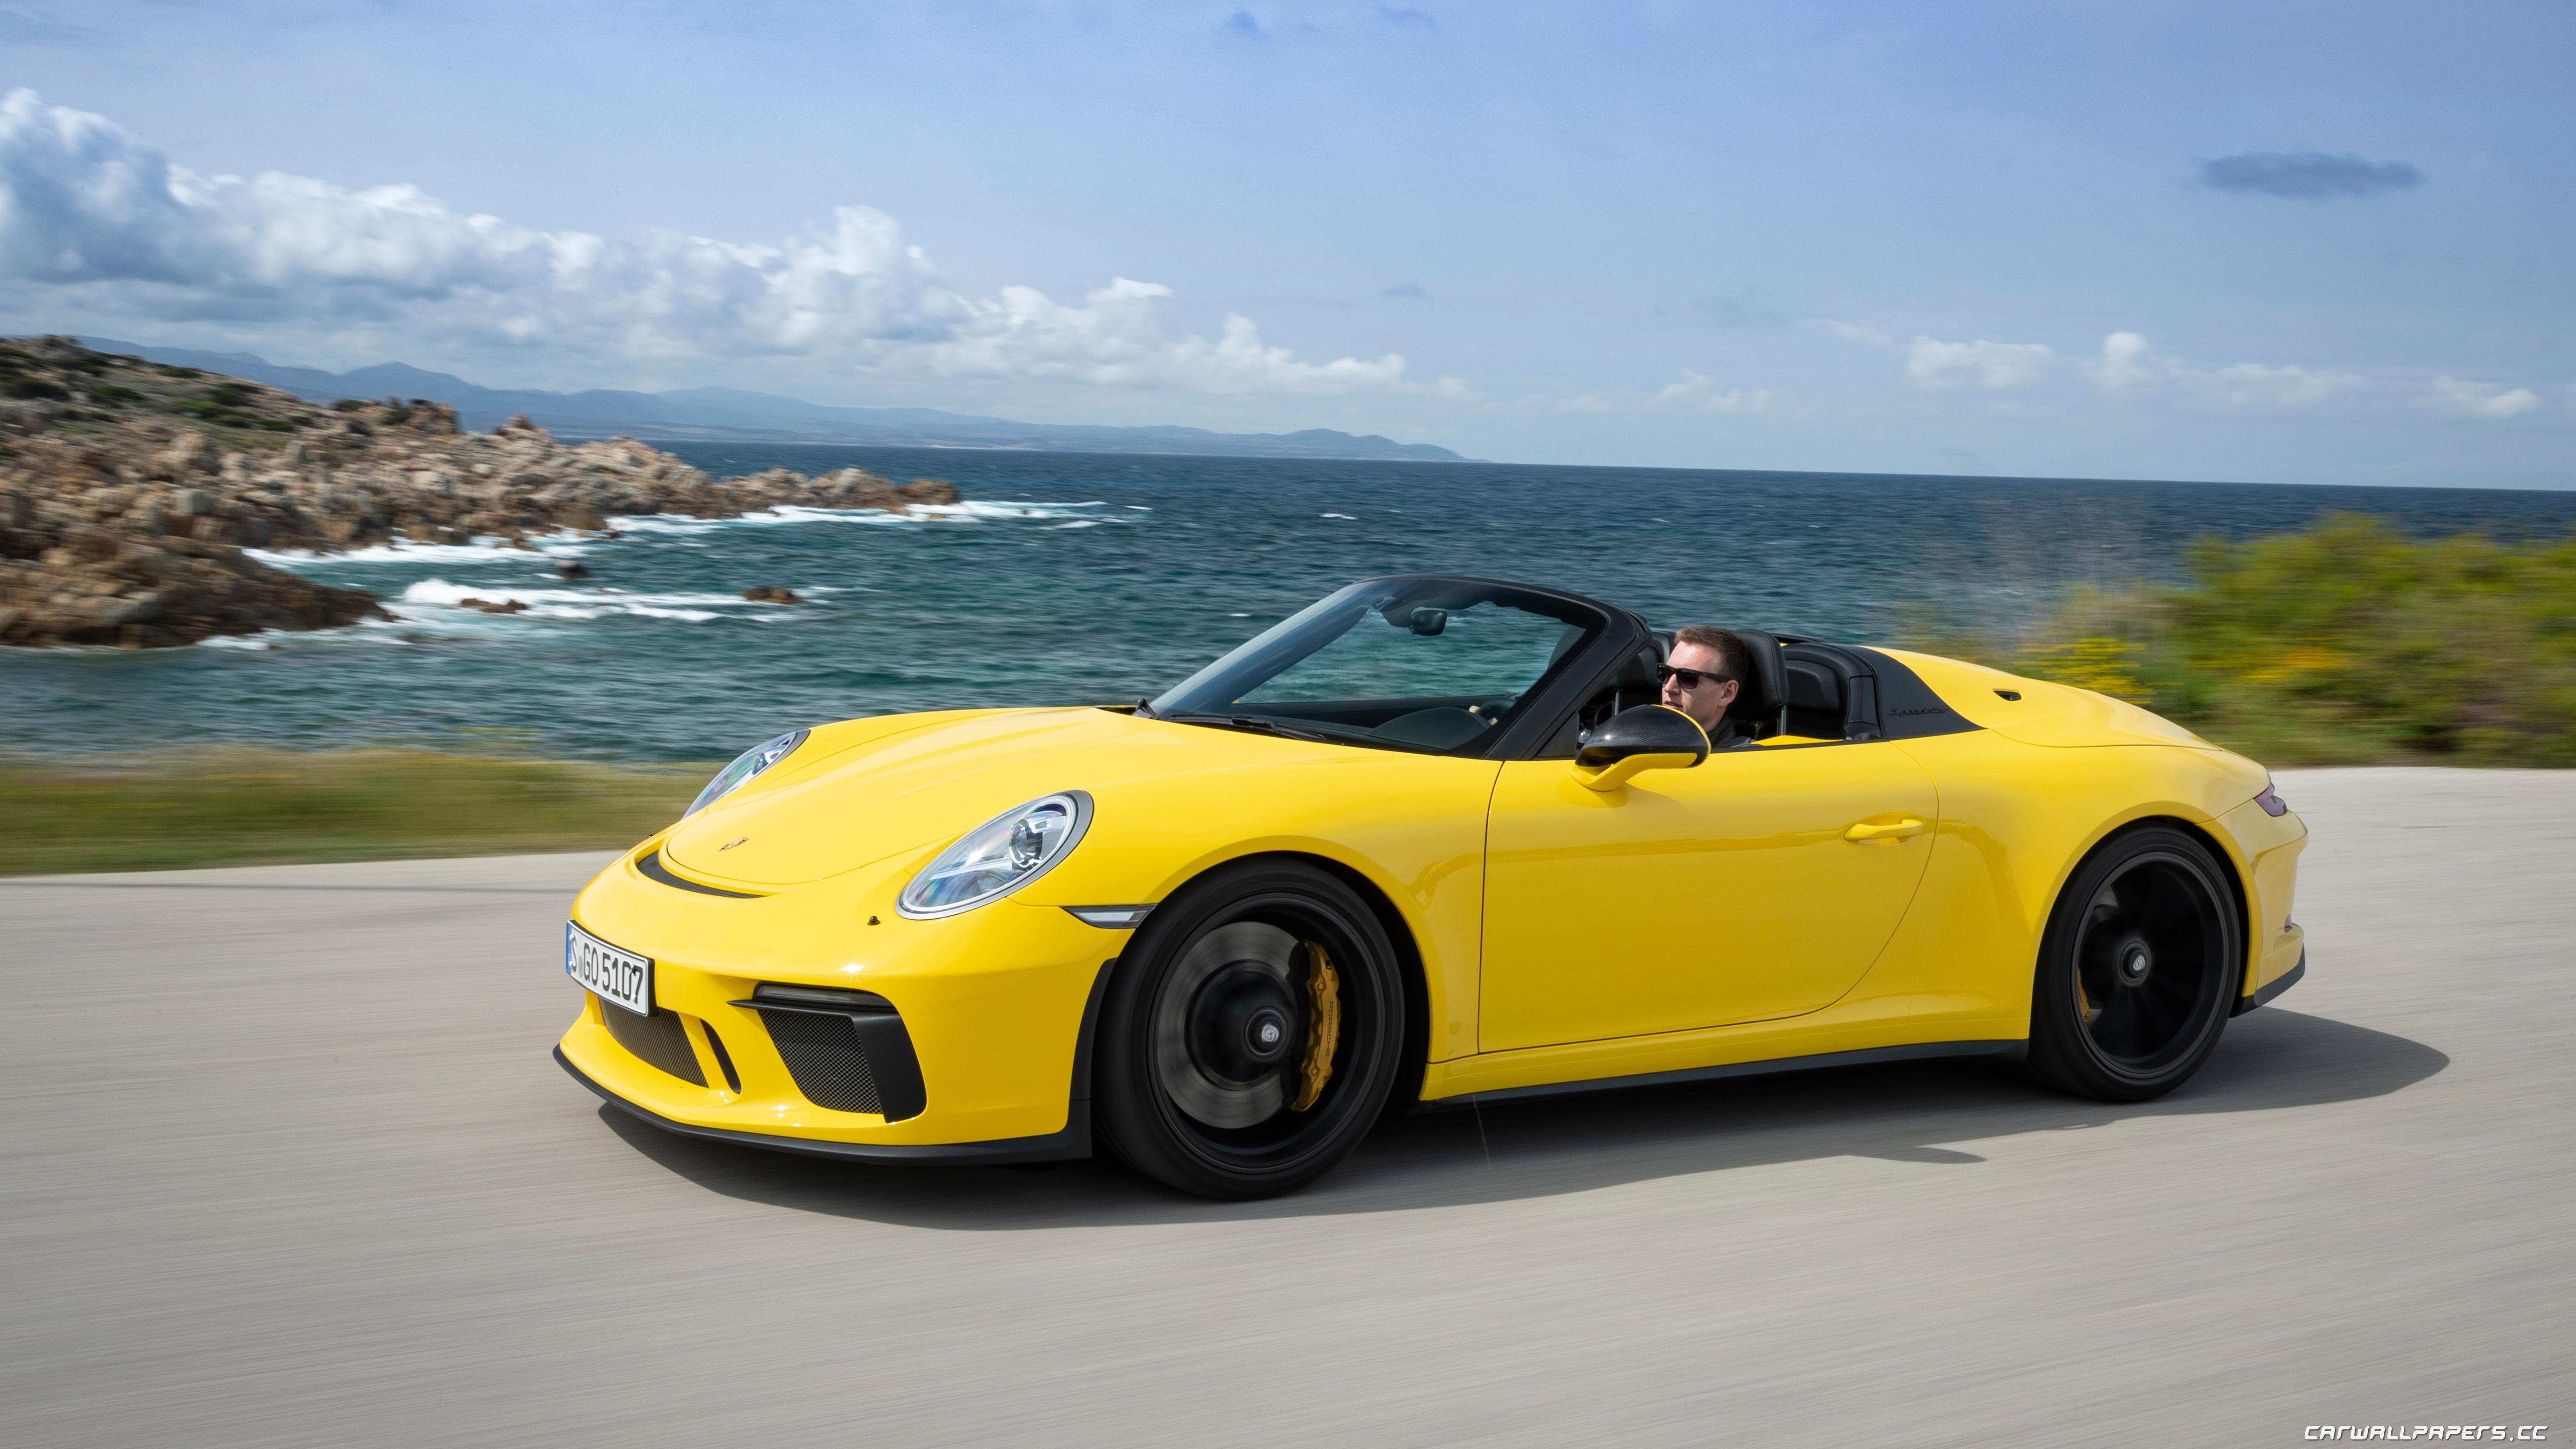 Cars Desktop Wallpapers Porsche 911 Speedster Racing Yellow 2019